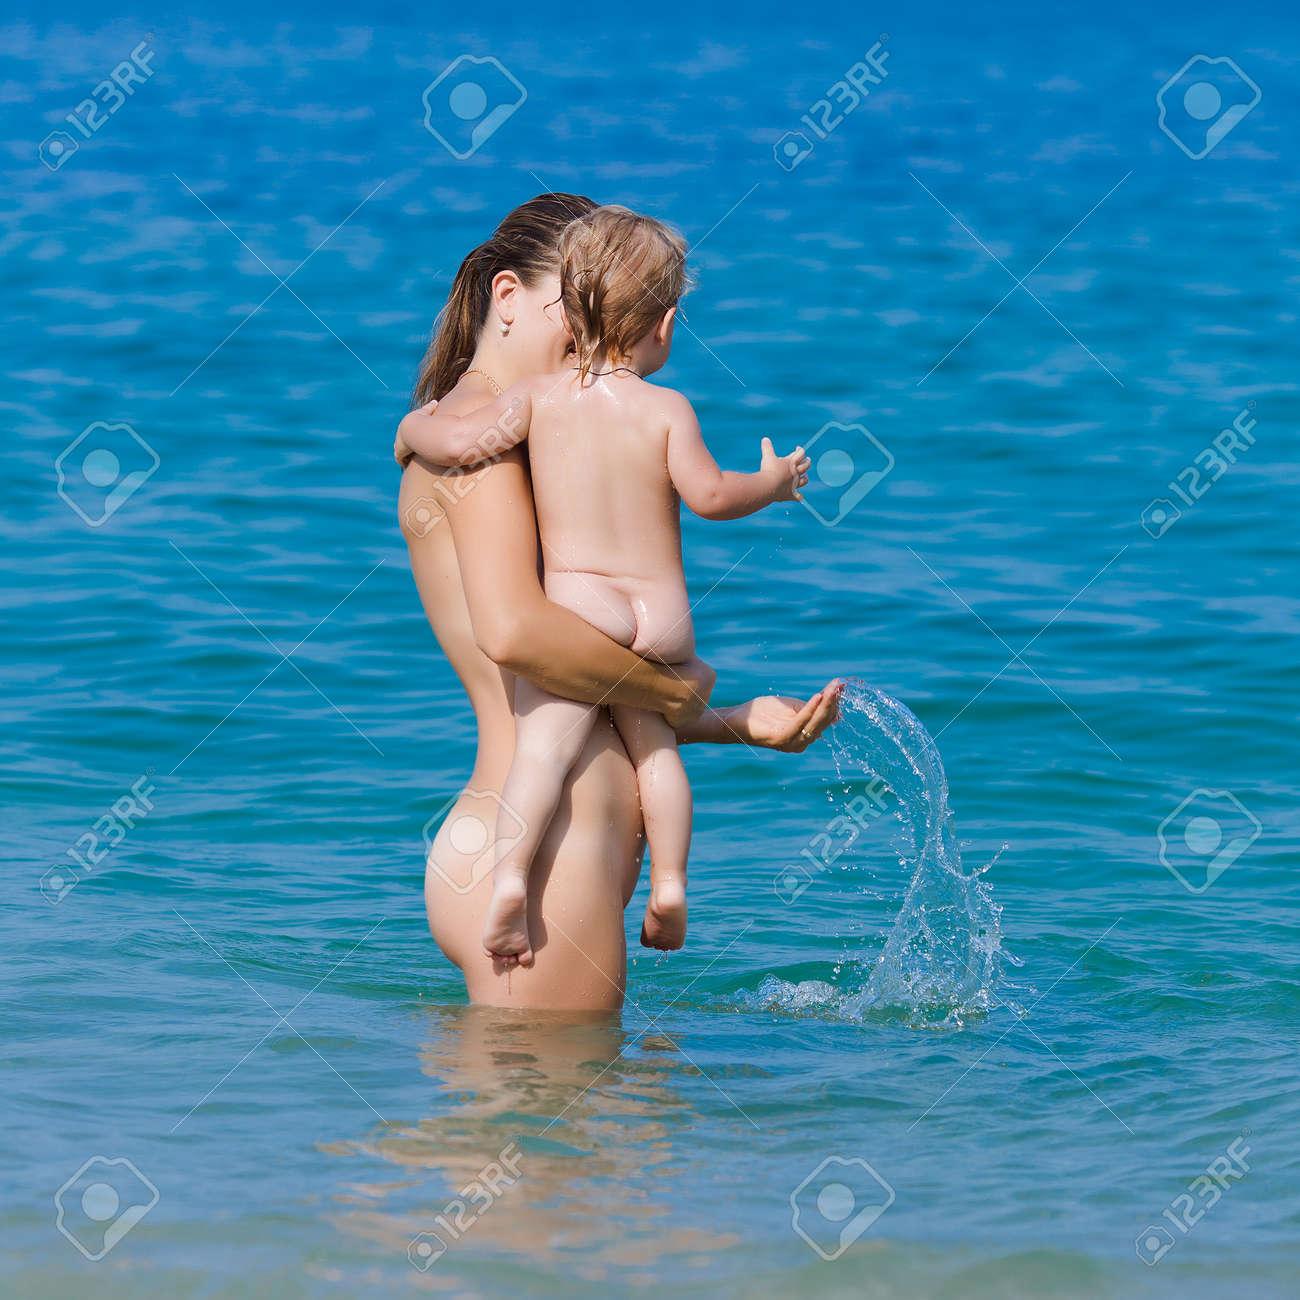 Обнаженный Отдых Матери С Сыном